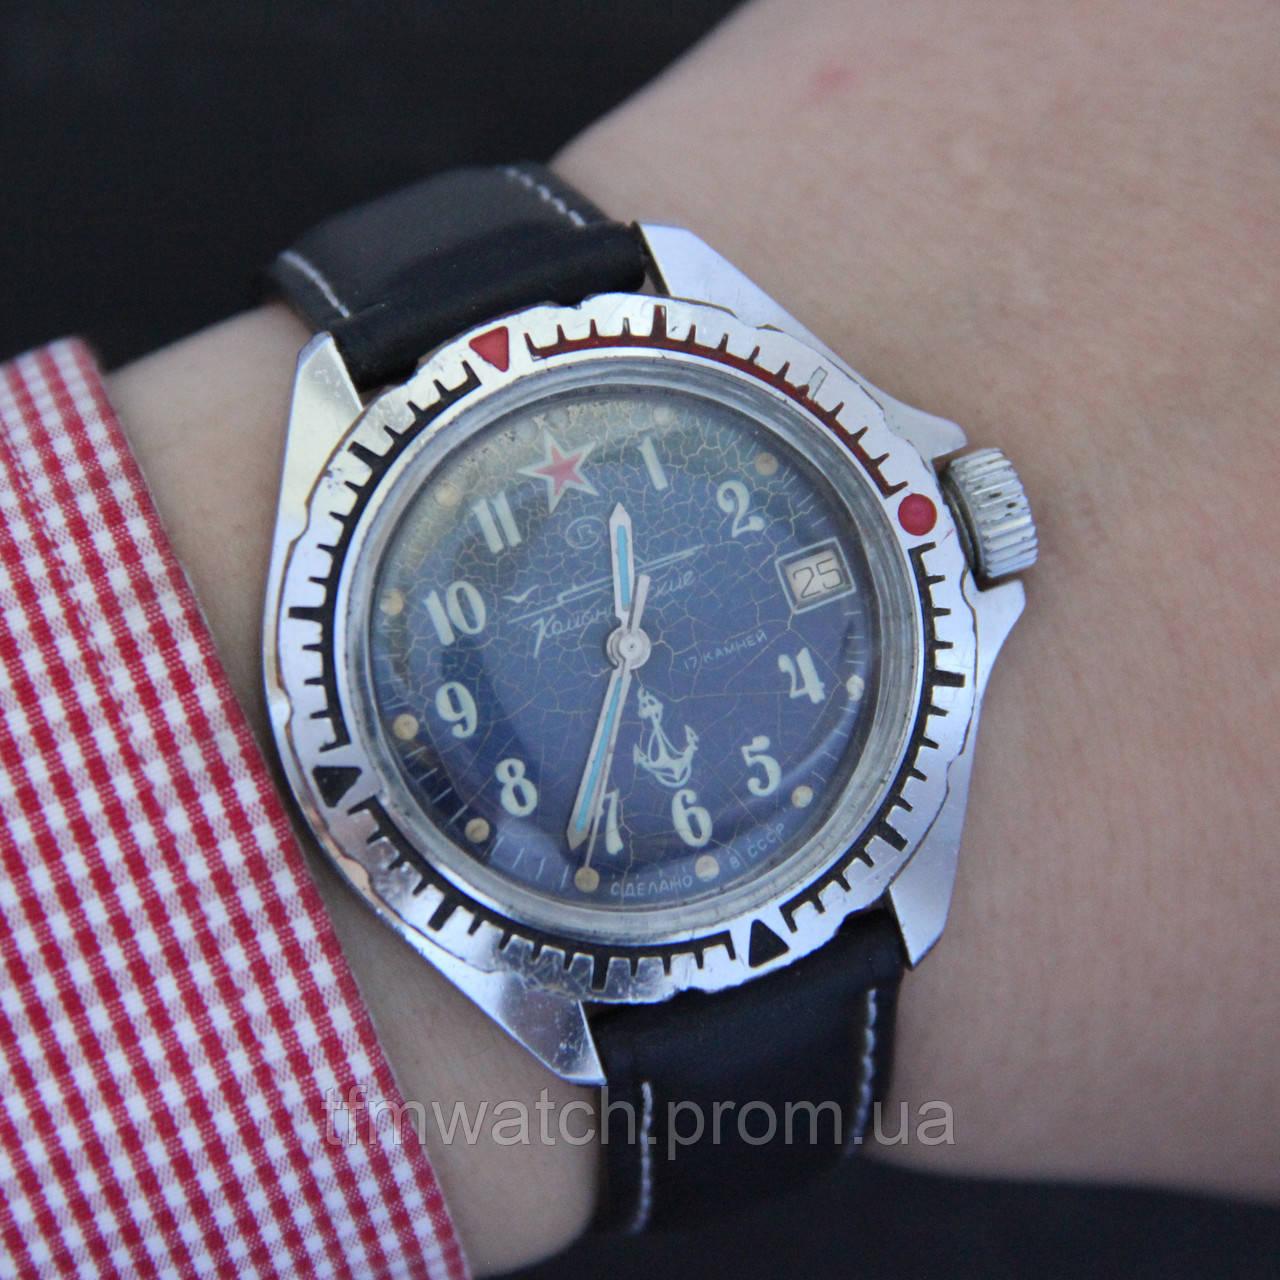 Купить наручные часы командирские купить антиквариат золотые часы